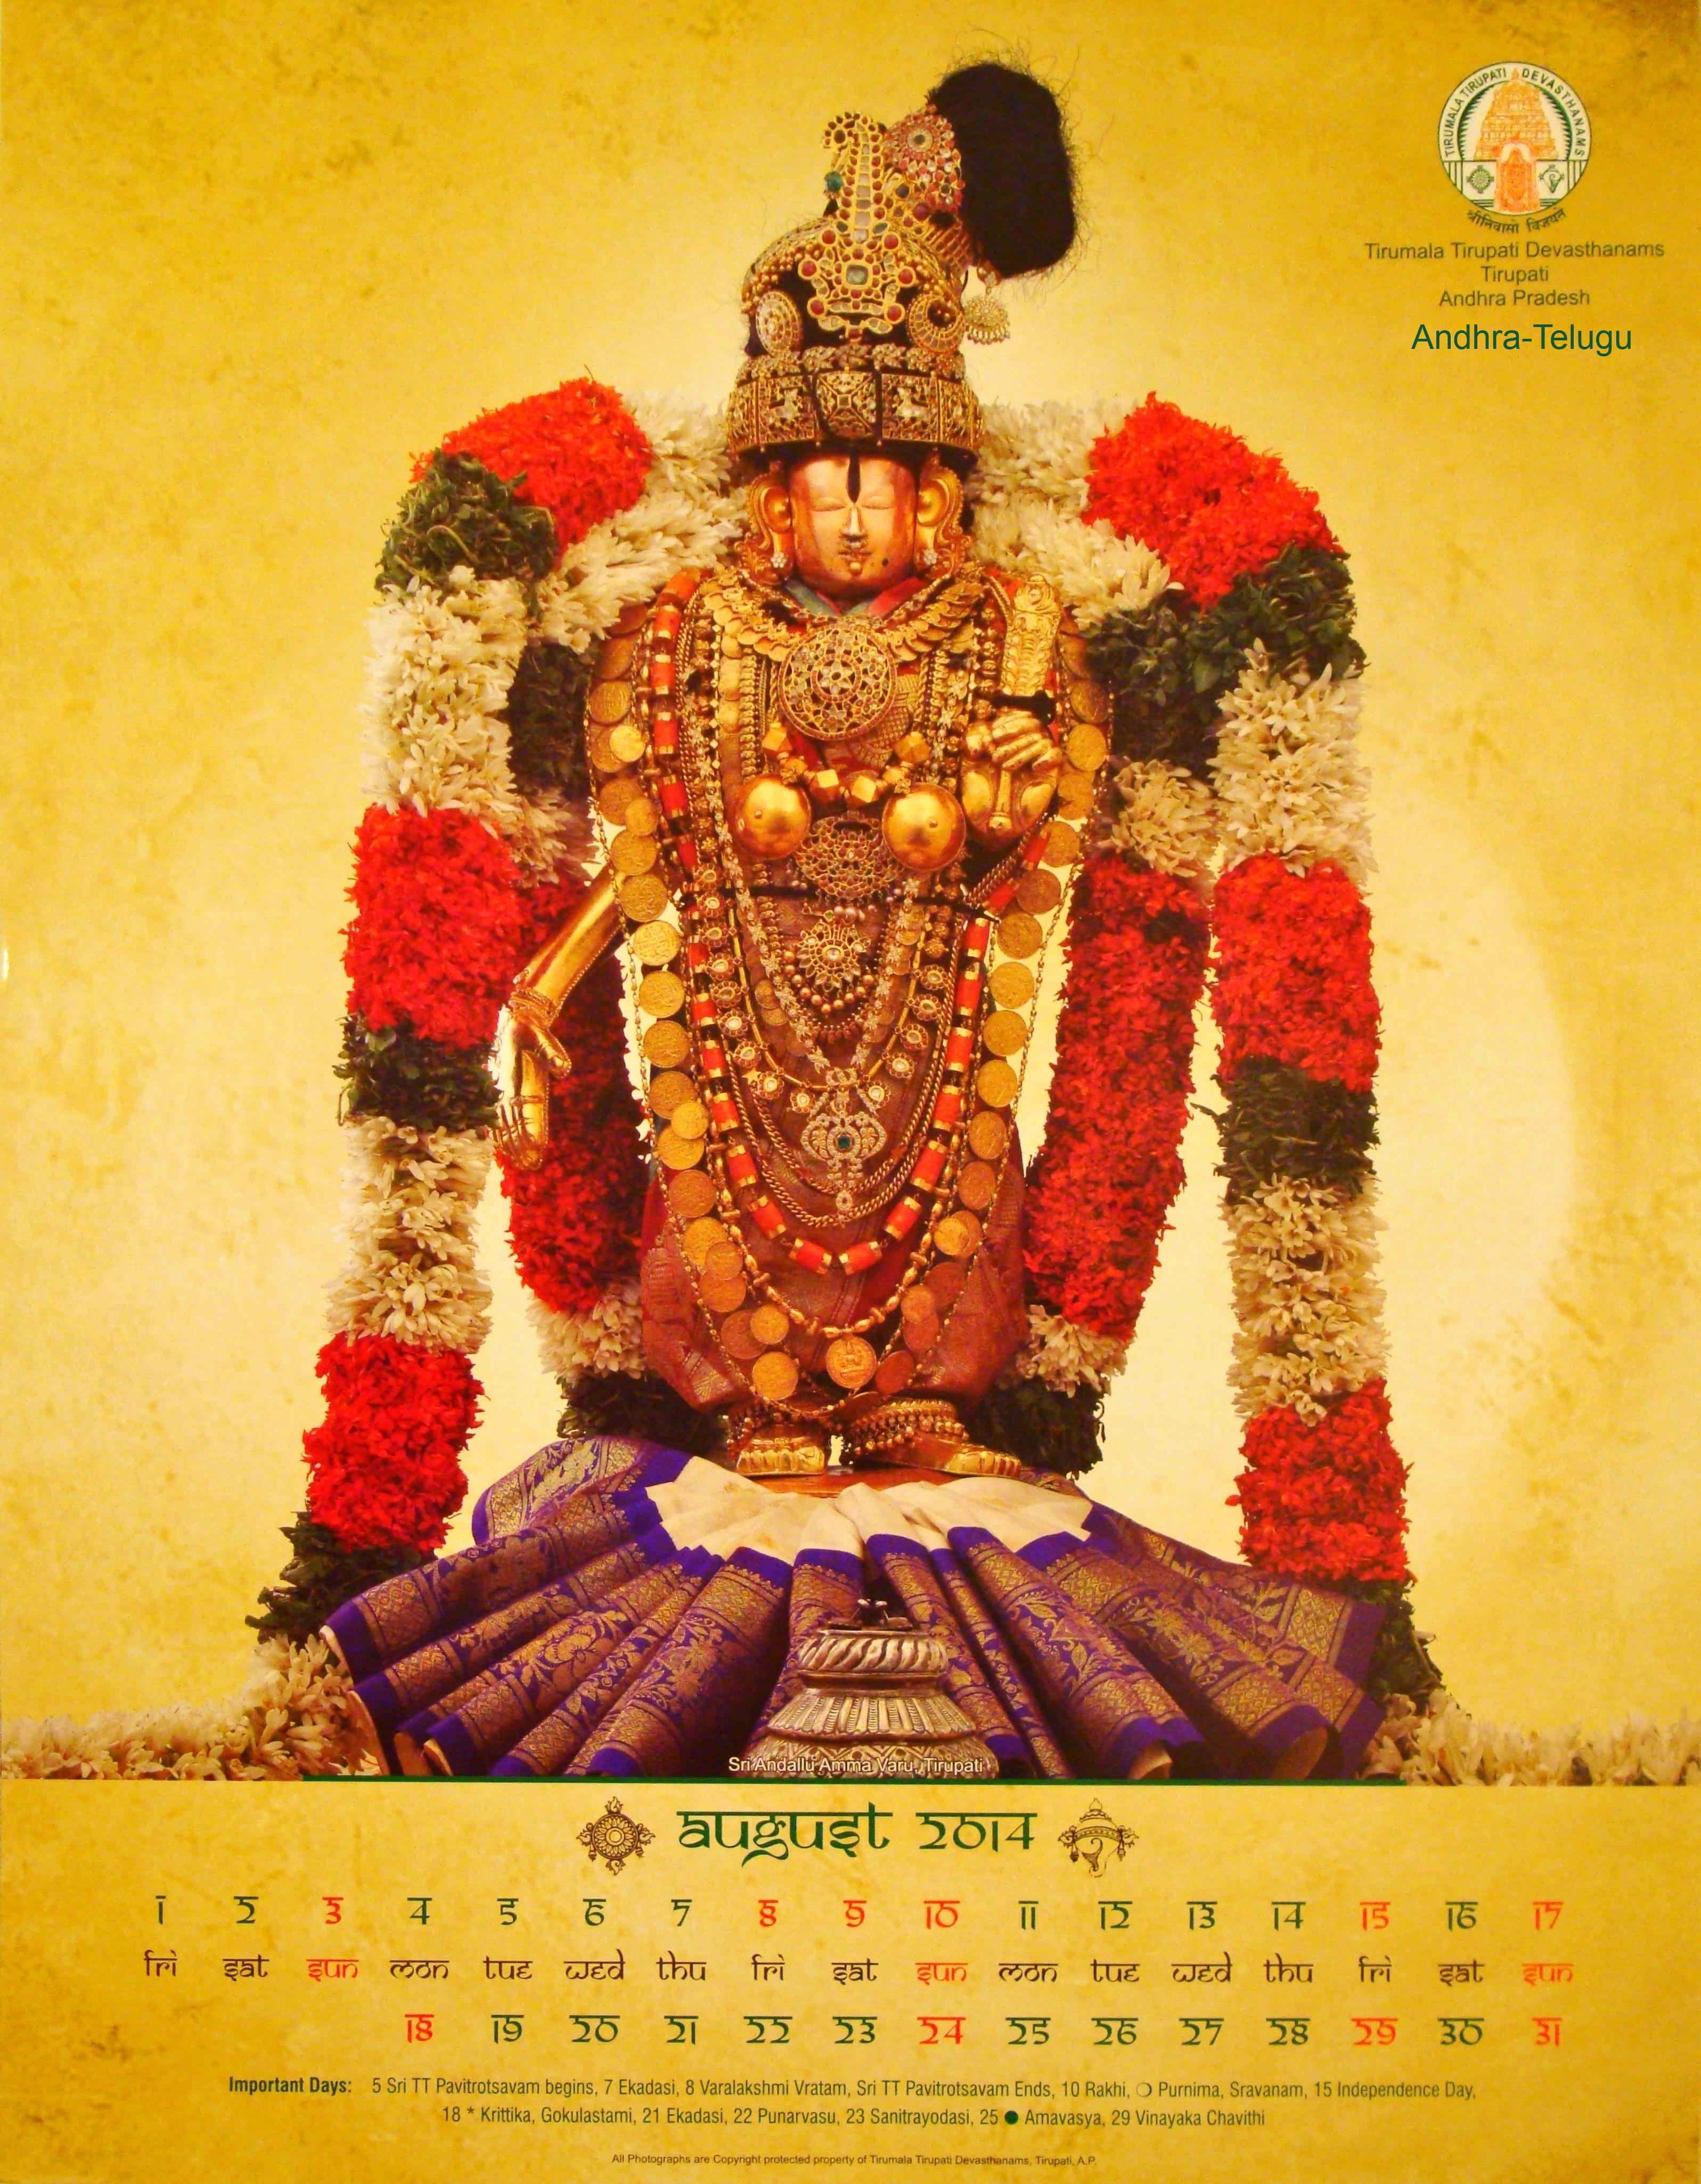 TTD Calendar 2014 | Andhra-Telugu